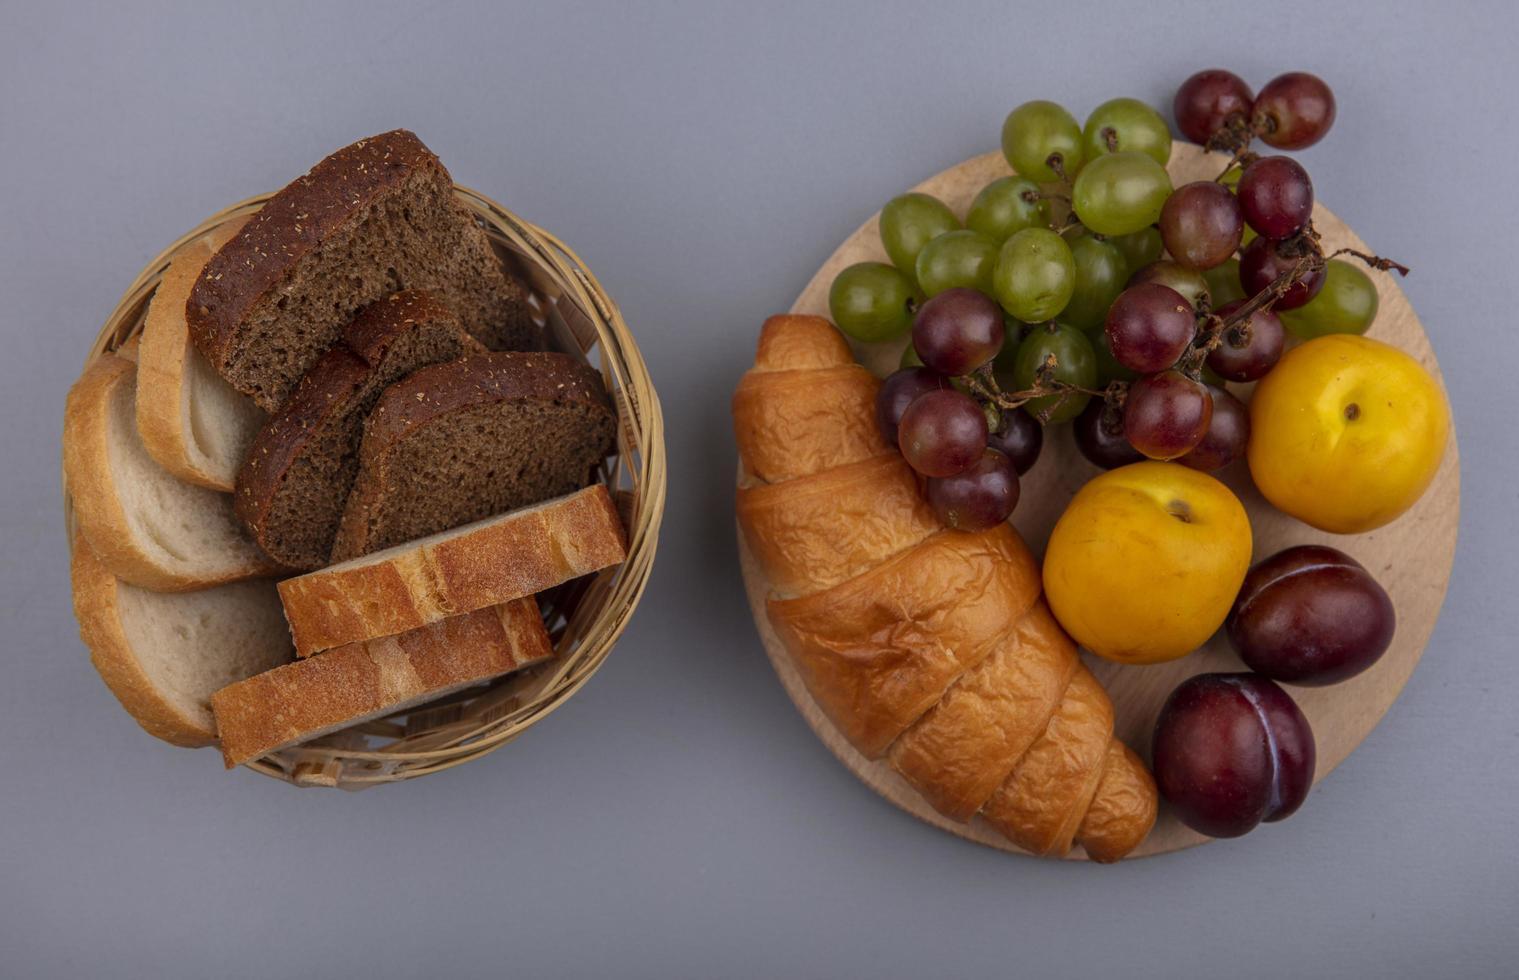 geassorteerde fruit en brood op neutrale achtergrond foto